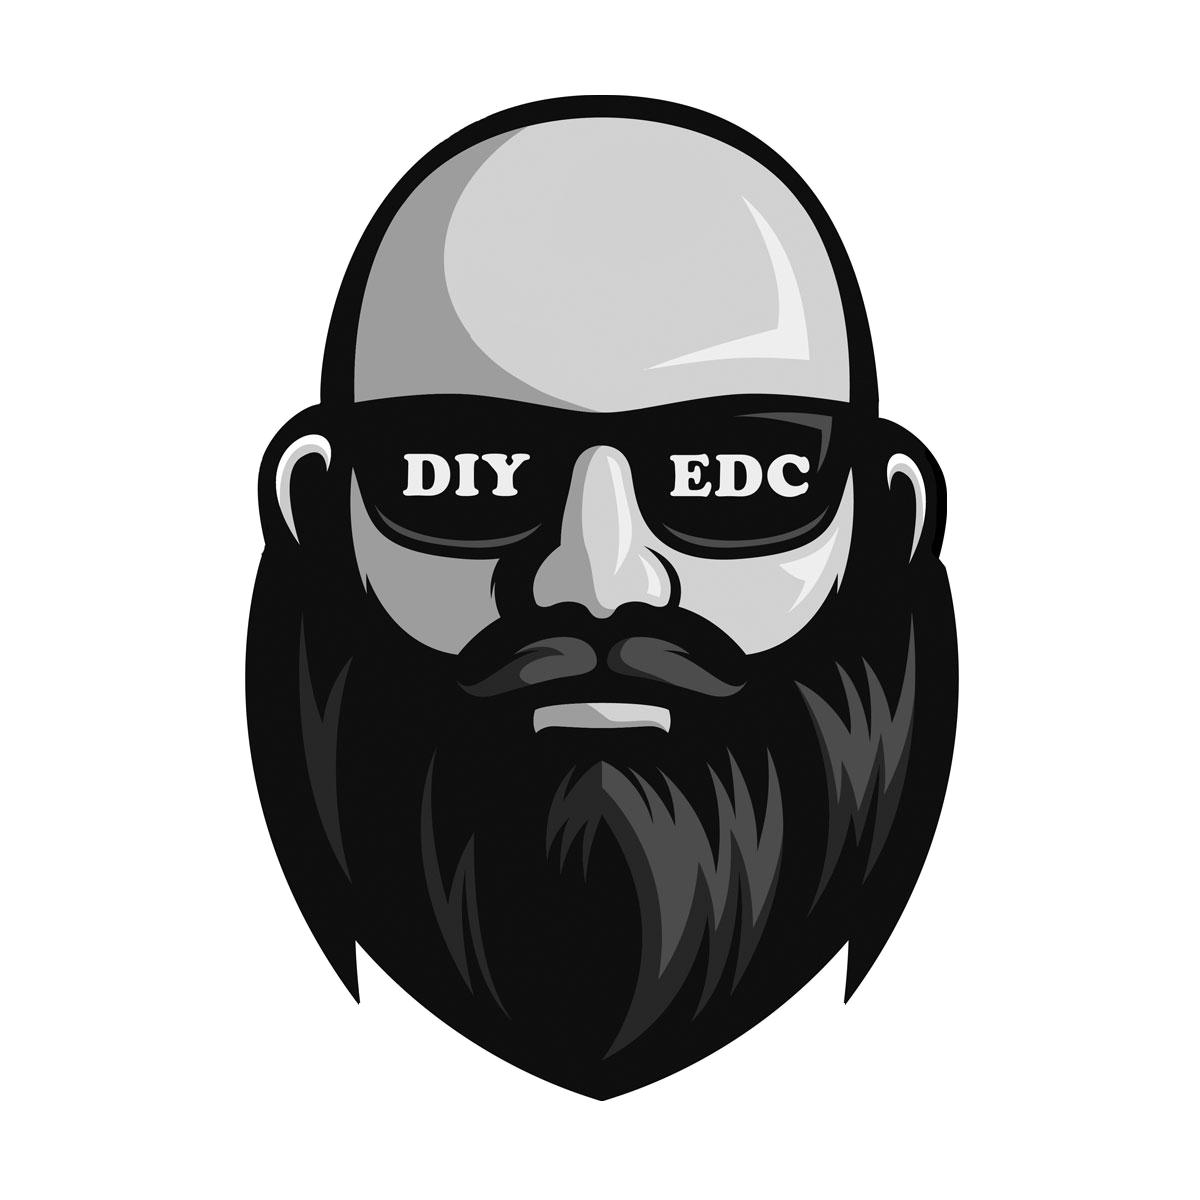 DIY EDC